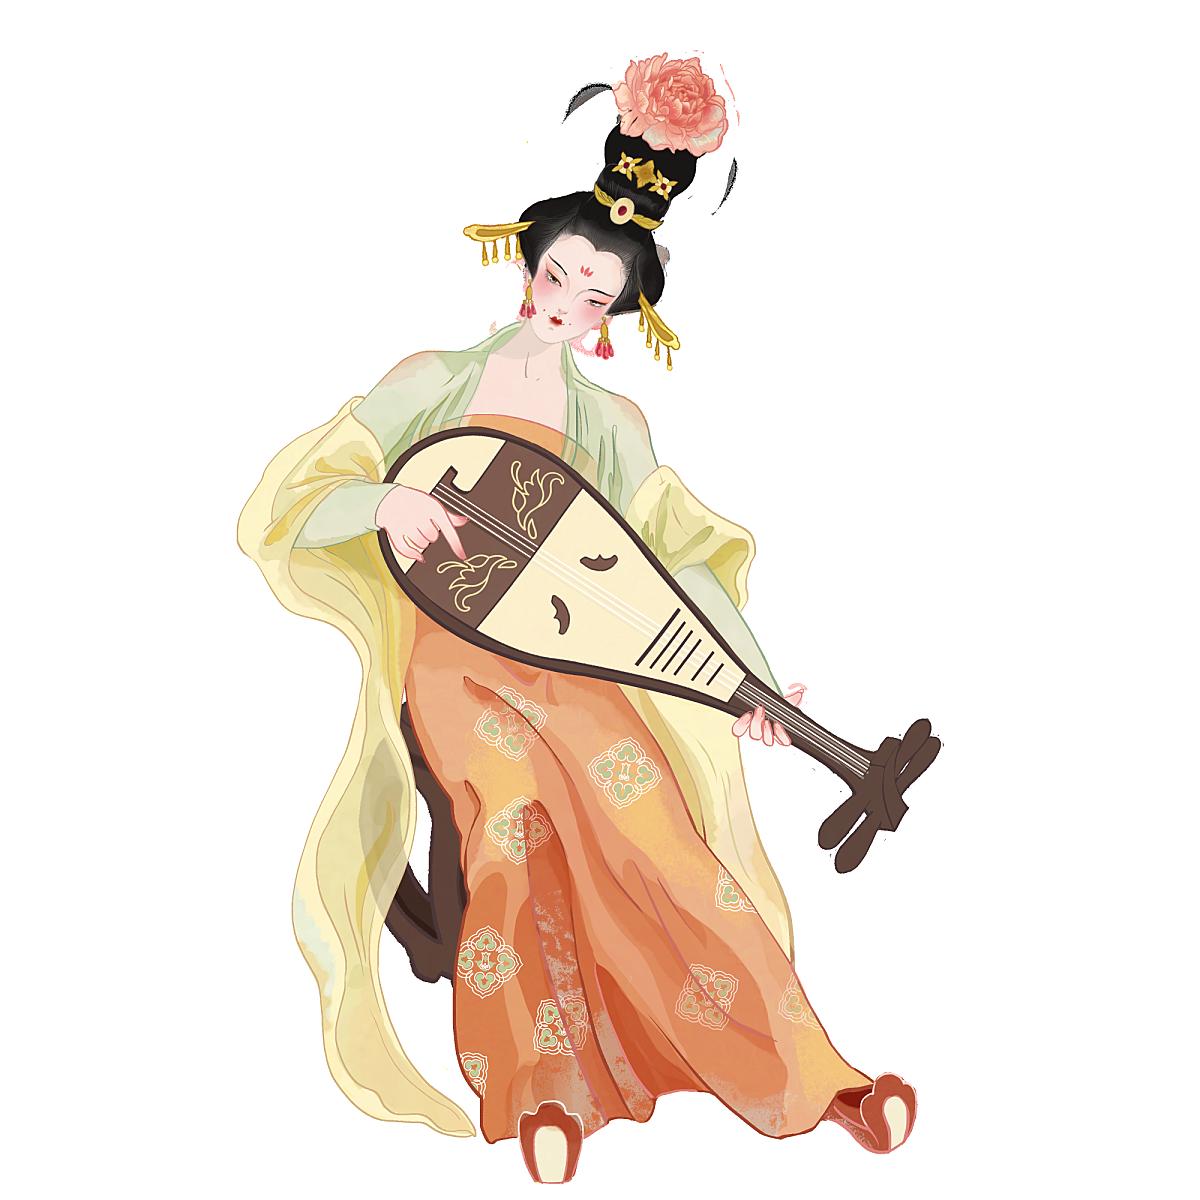 中国风-国潮古风女性人物插画4